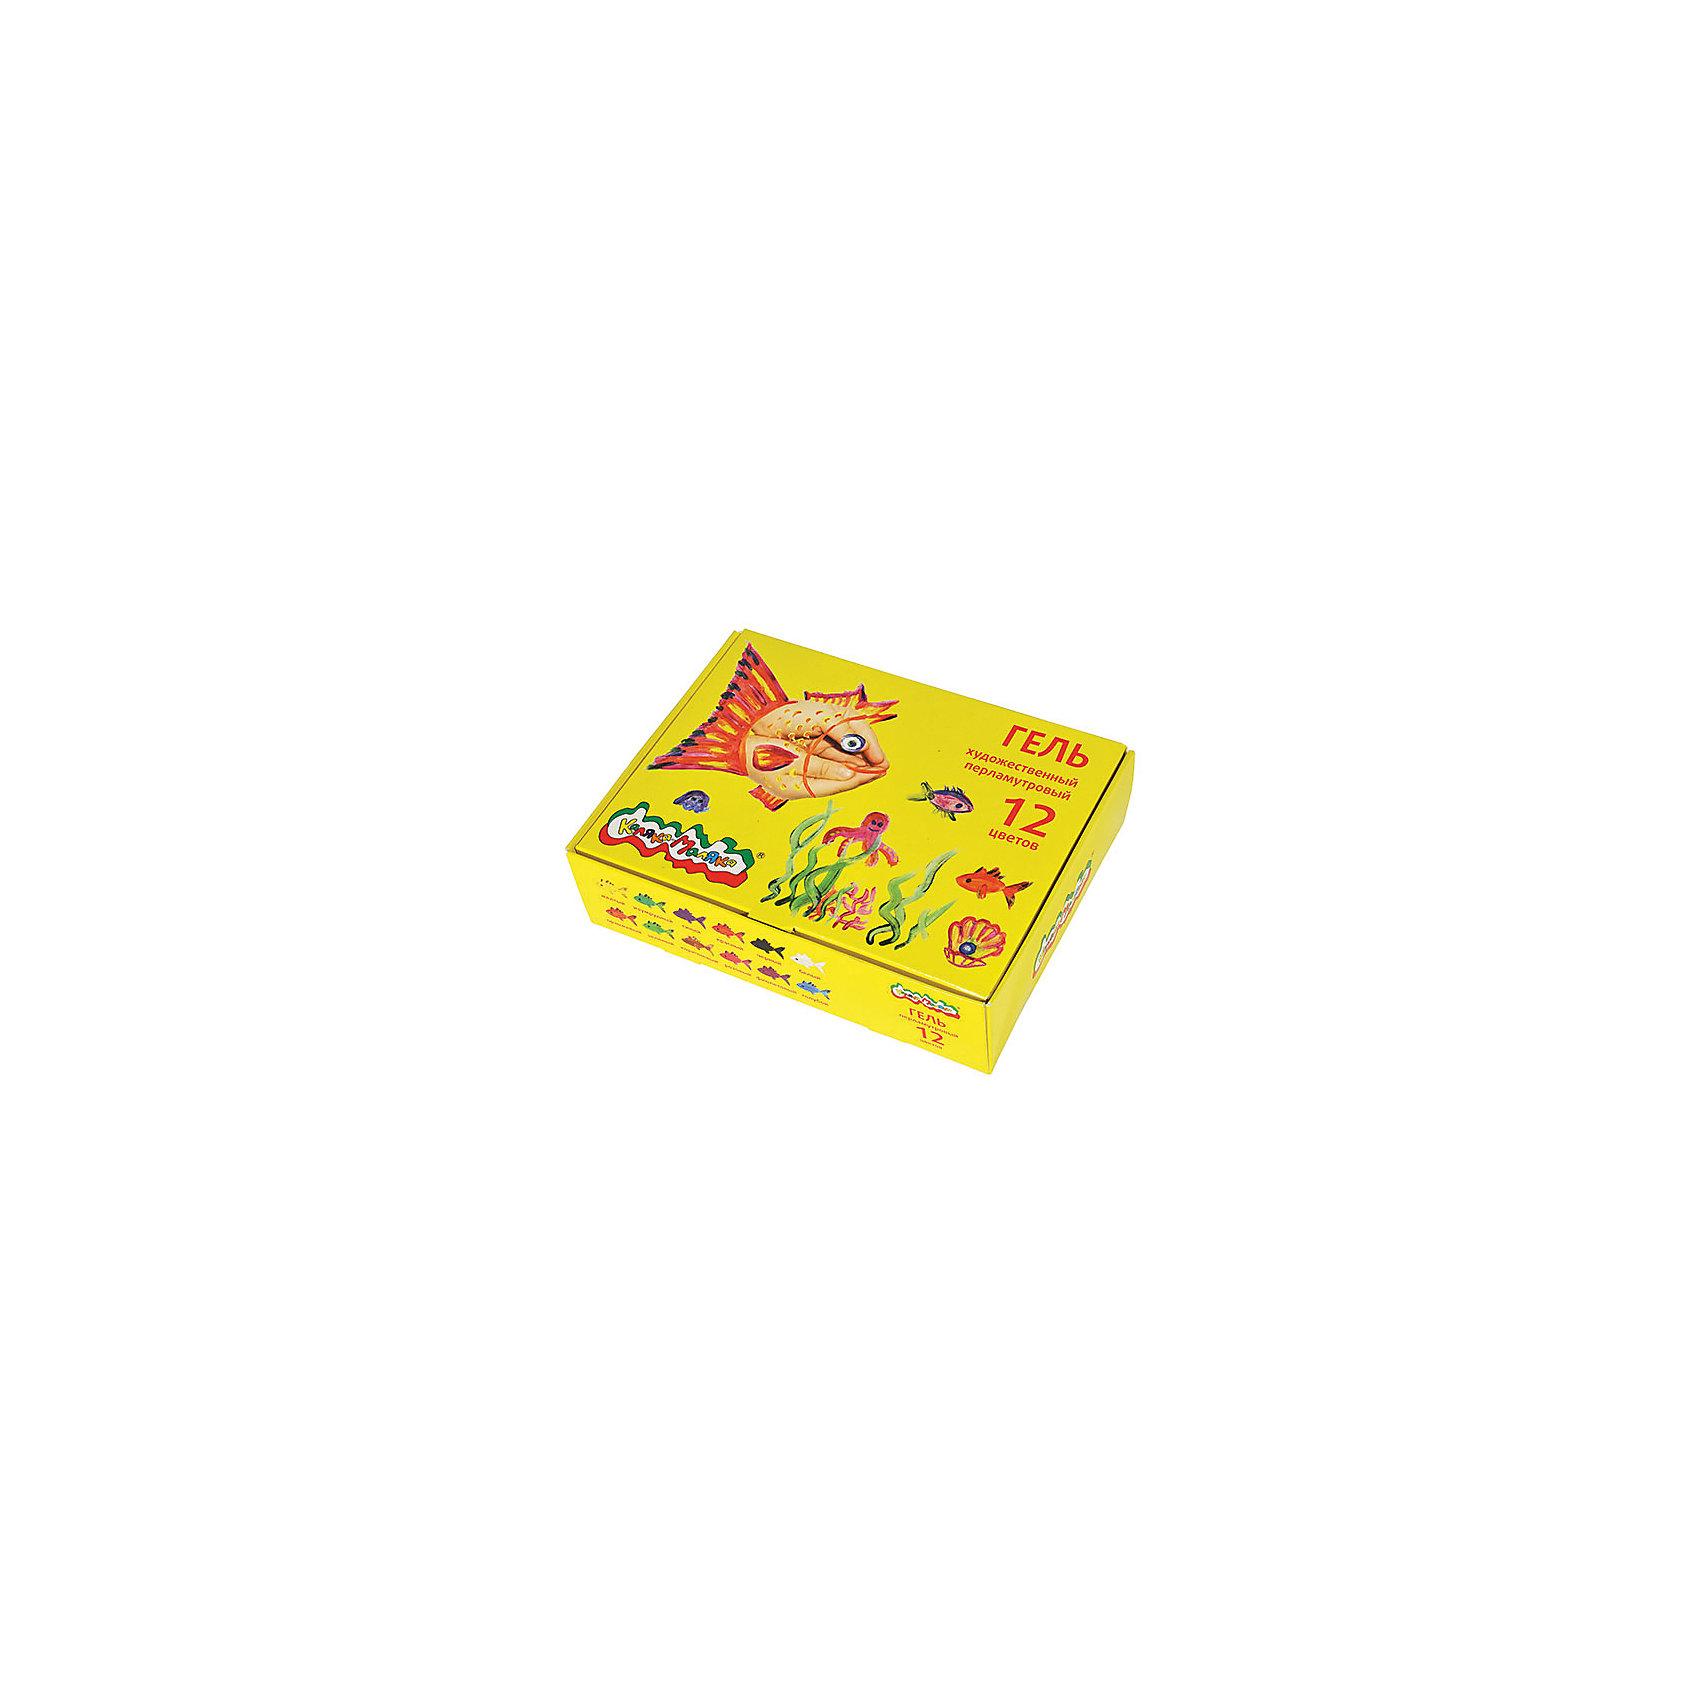 Перламутровый гель 12 цветовХарактеристики:<br><br>• Предназначение: для занятий художественным творчеством<br>• Пол: универсальный<br>• Количество цветов: 12 цветов <br>• Тип краски: для декорирования<br>• Материал: гель, пластик<br>• Размеры упаковки (Д*Ш*В): 12,5*6*17,5 см<br>• Вес упаковки: 220 г <br>• Упаковка: картонная коробка<br><br>Перламутровый гель 12 цветов от торгового бренда Каляка-Маляка предназначены для декорирования рисунков и поделок из бумаги. Набор состоит из 12 баночек с яркими красками перламутрового цвета. Гель отличаются яркостью и стойкостью цветов, при нанесении на рабочую поверхность не растекается, хорошо и быстро высыхает. Он гипоаллергенен, не имеет запаха, поэтому гель безопасен для детского творчества. <br>Занятия художественным творчеством развивают мелкую моторику рук, способствуют формированию художественно-эстетического вкуса и дарят хорошее настроение не только ребенку, но и окружающим!<br><br>Перламутровый гель 12 цветов можно купить в нашем интернет-магазине.<br><br>Ширина мм: 150<br>Глубина мм: 120<br>Высота мм: 40<br>Вес г: 310<br>Возраст от месяцев: 36<br>Возраст до месяцев: 108<br>Пол: Унисекс<br>Возраст: Детский<br>SKU: 5188787